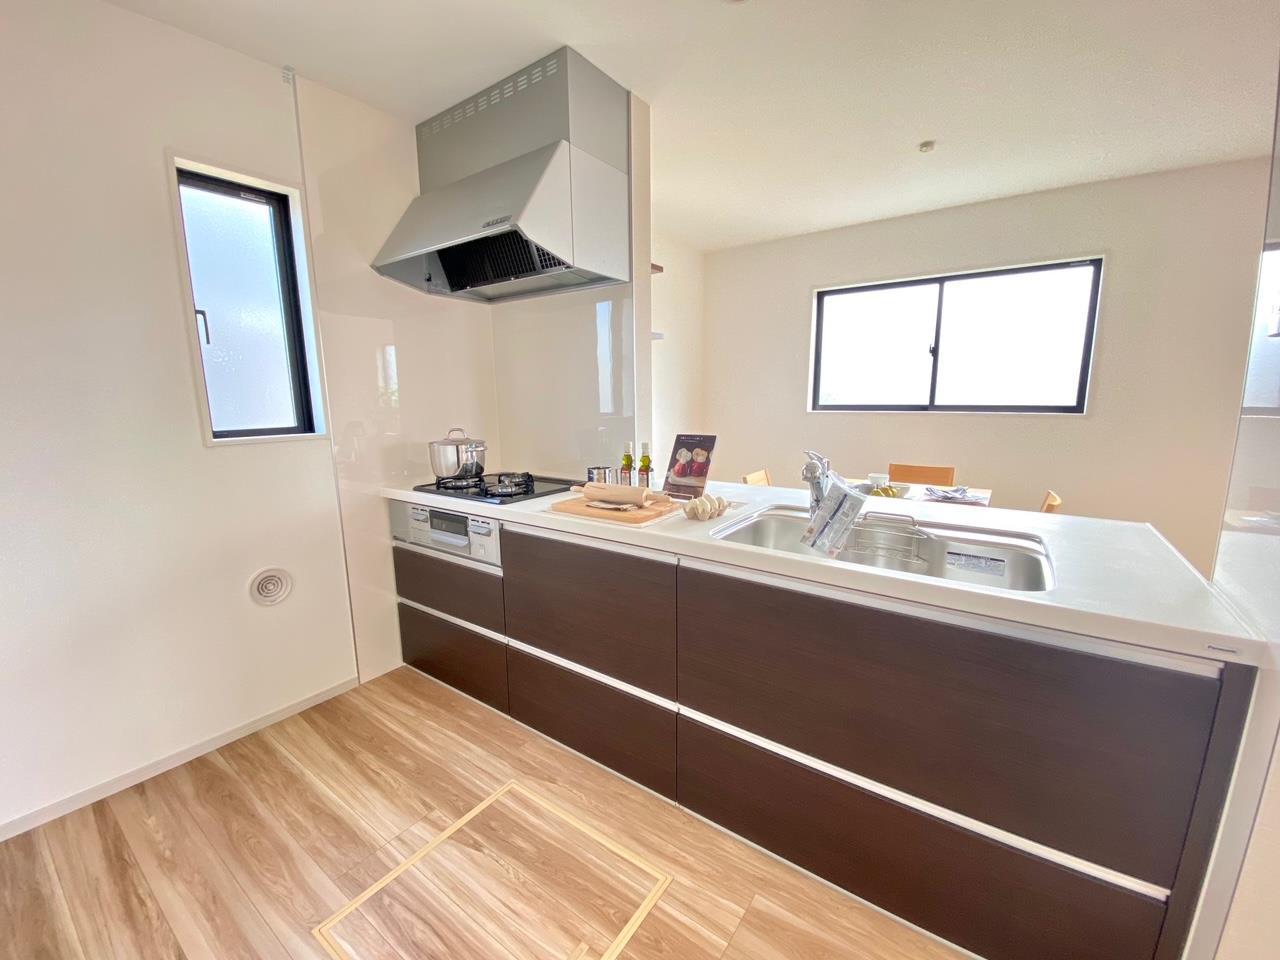 キッチン*キッチン/作業スペースが広く確保されているので、お料理がしやすいです♪(^^)/お子さまと並んでお料理が楽しめます♪/